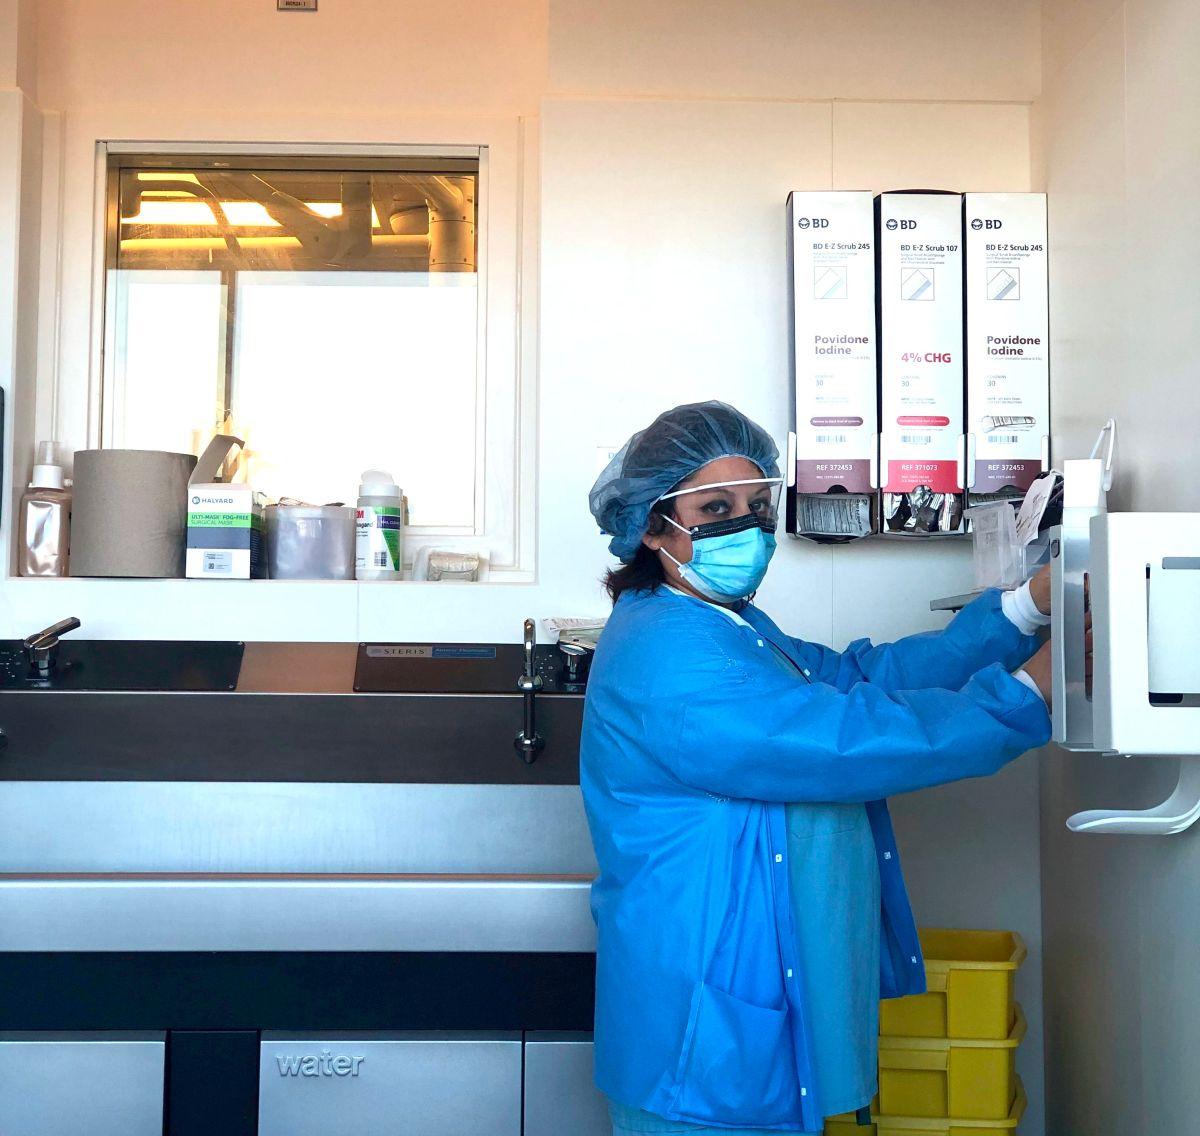 Luchas, dudas y afanes de empleados esenciales latinos de Chicago en medio de la pandemia de covid-19